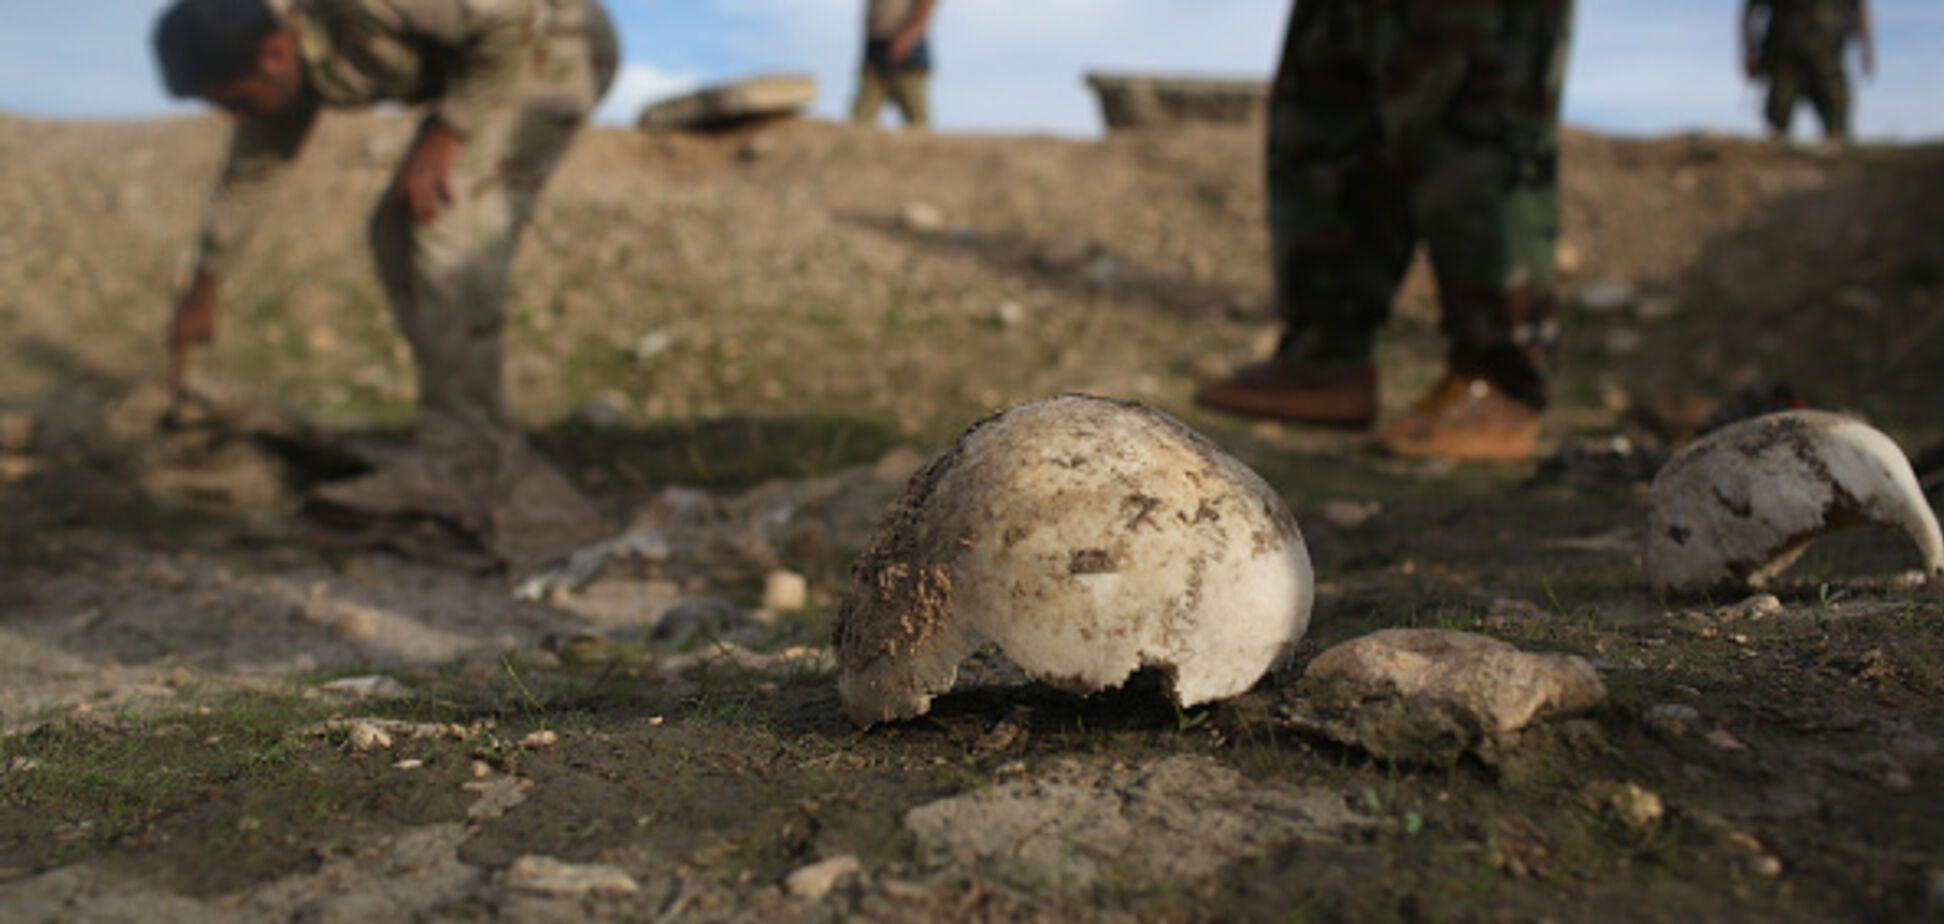 Тука зрадів: у мережі повідомили про смерть терориста 'П'ятнашок'